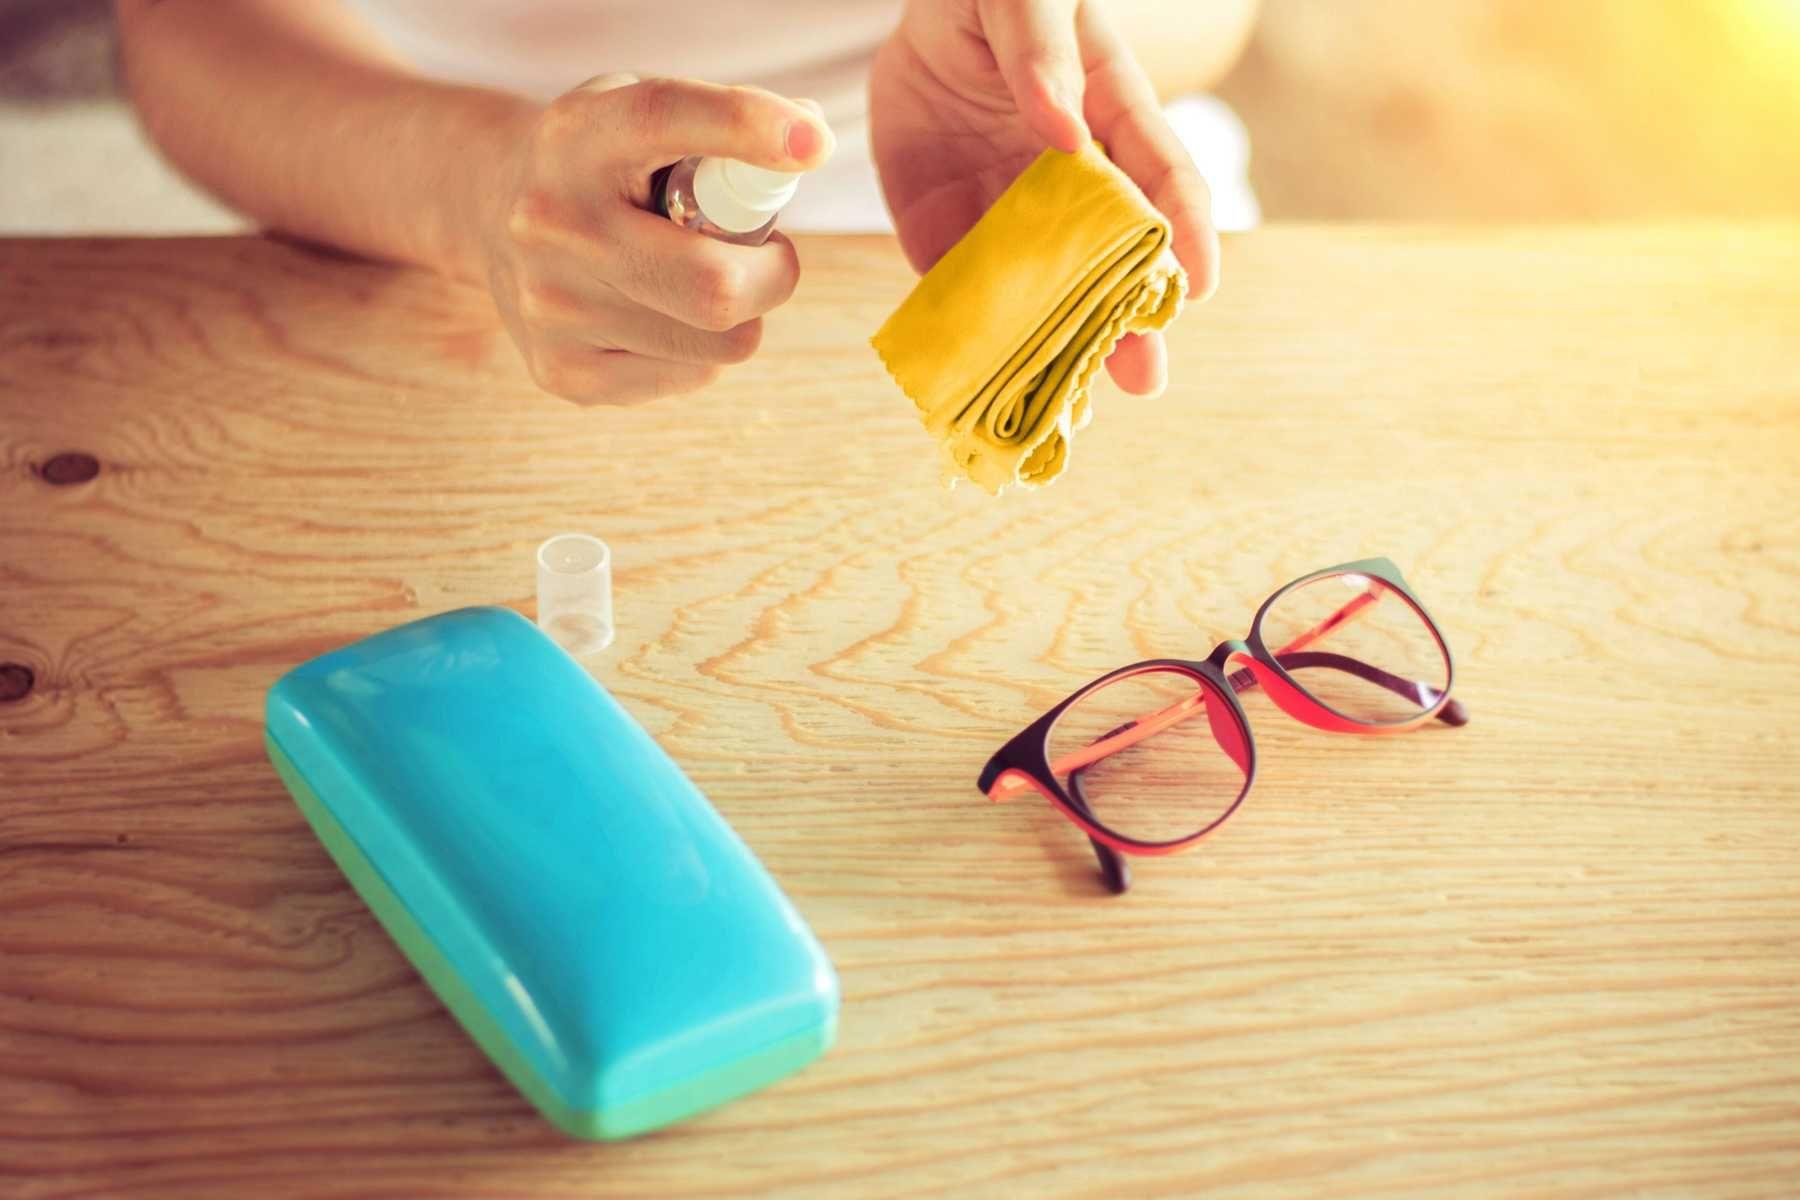 como-limpar-lente-de-oculos-veja-5-dicas